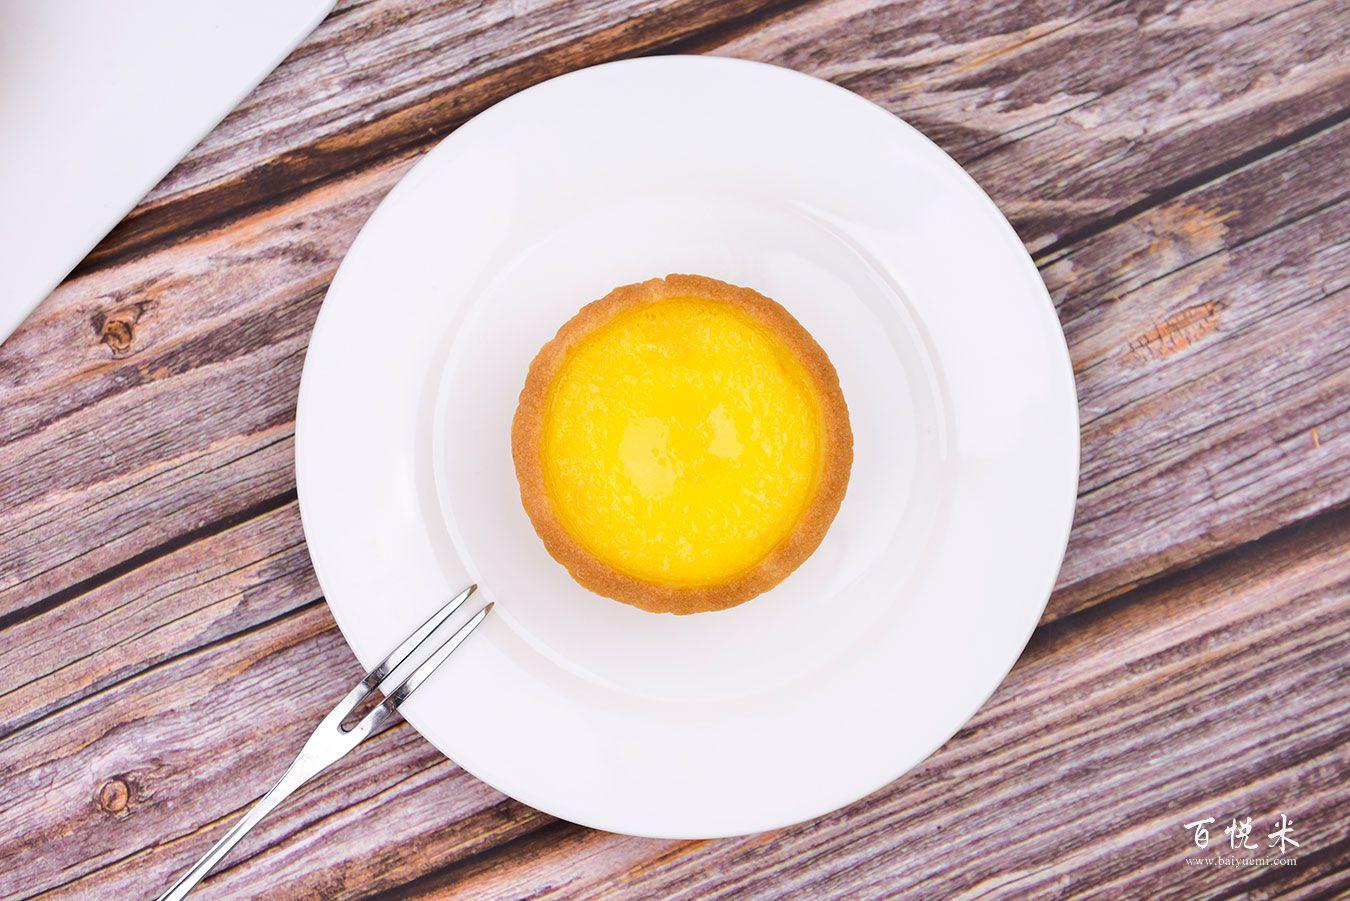 拿酥蛋挞高清图片大全【蛋糕图片】_604